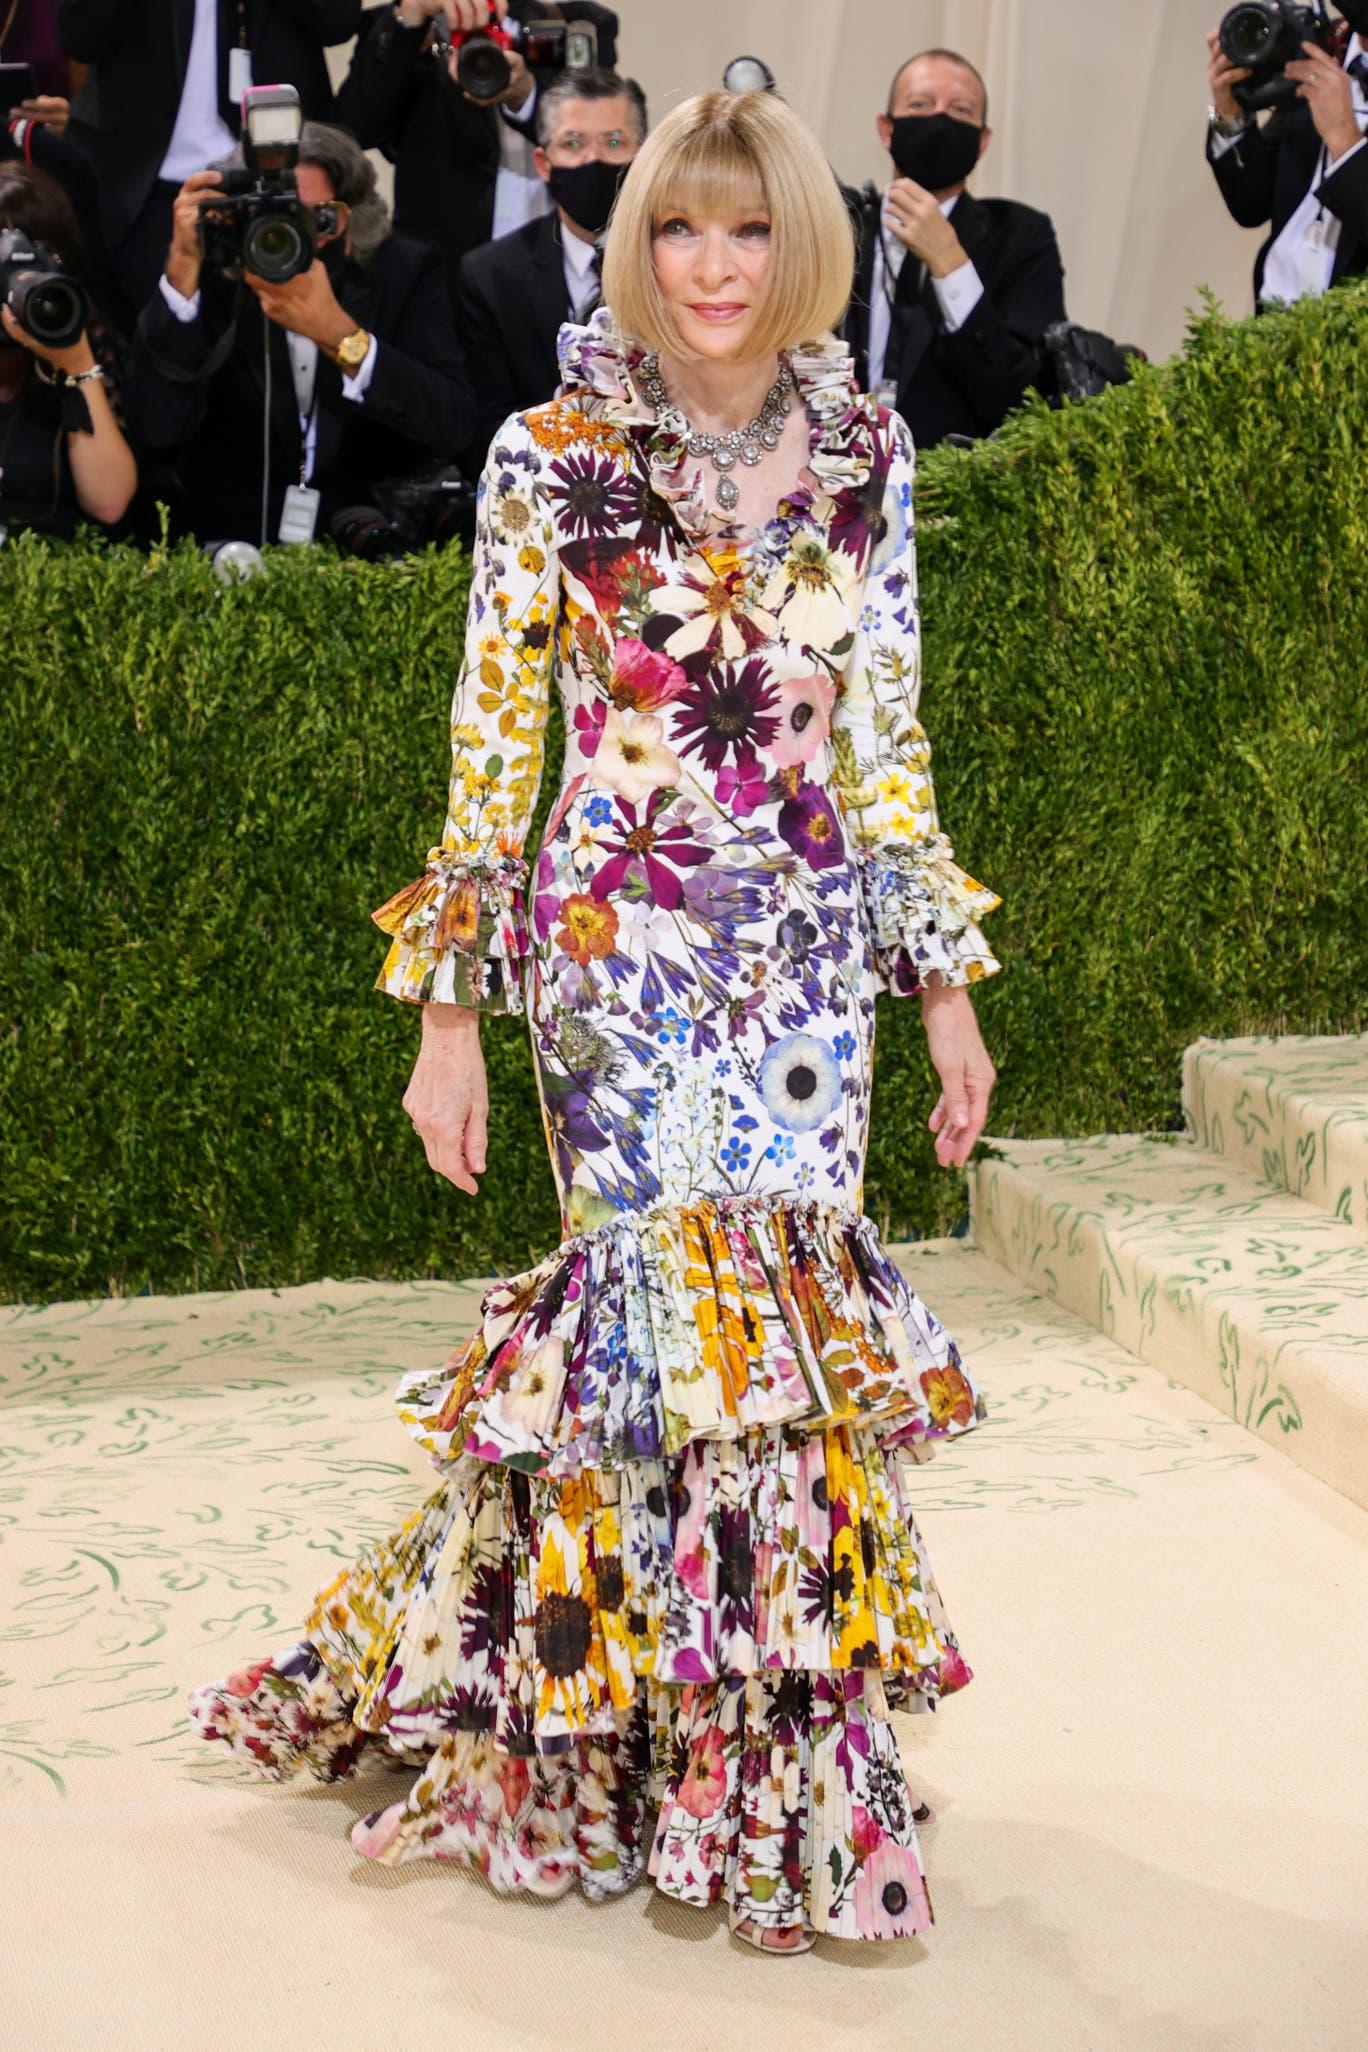 Chủ biên quyền lực của Vogue - Anna Wintour trong trang phục váy dài xếp ly tầng điệu đà của Oscar De La Renta.